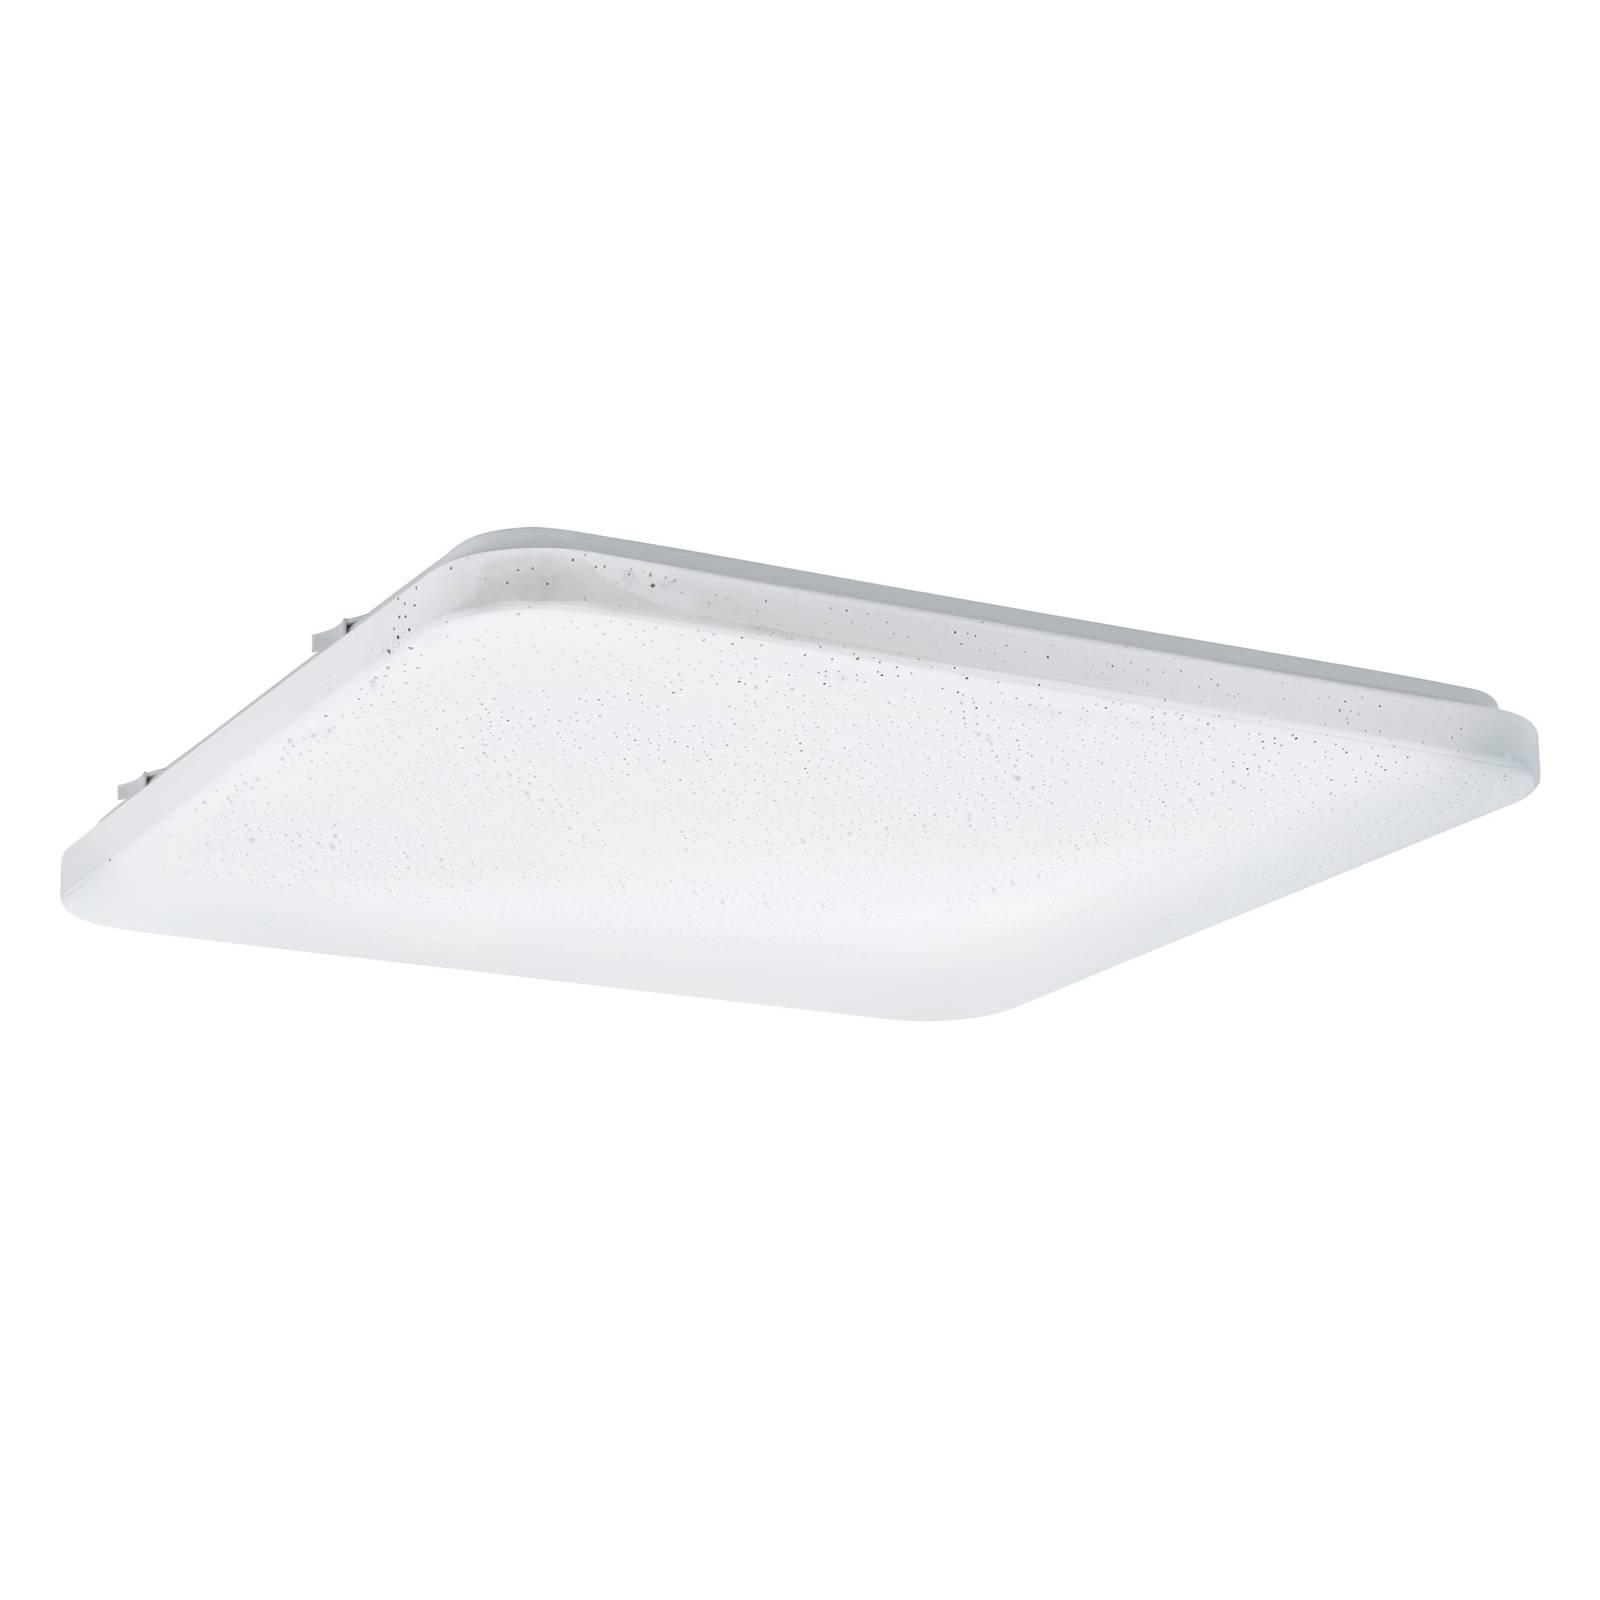 LED plafondlamp Frania met kristalleffect, hoekig